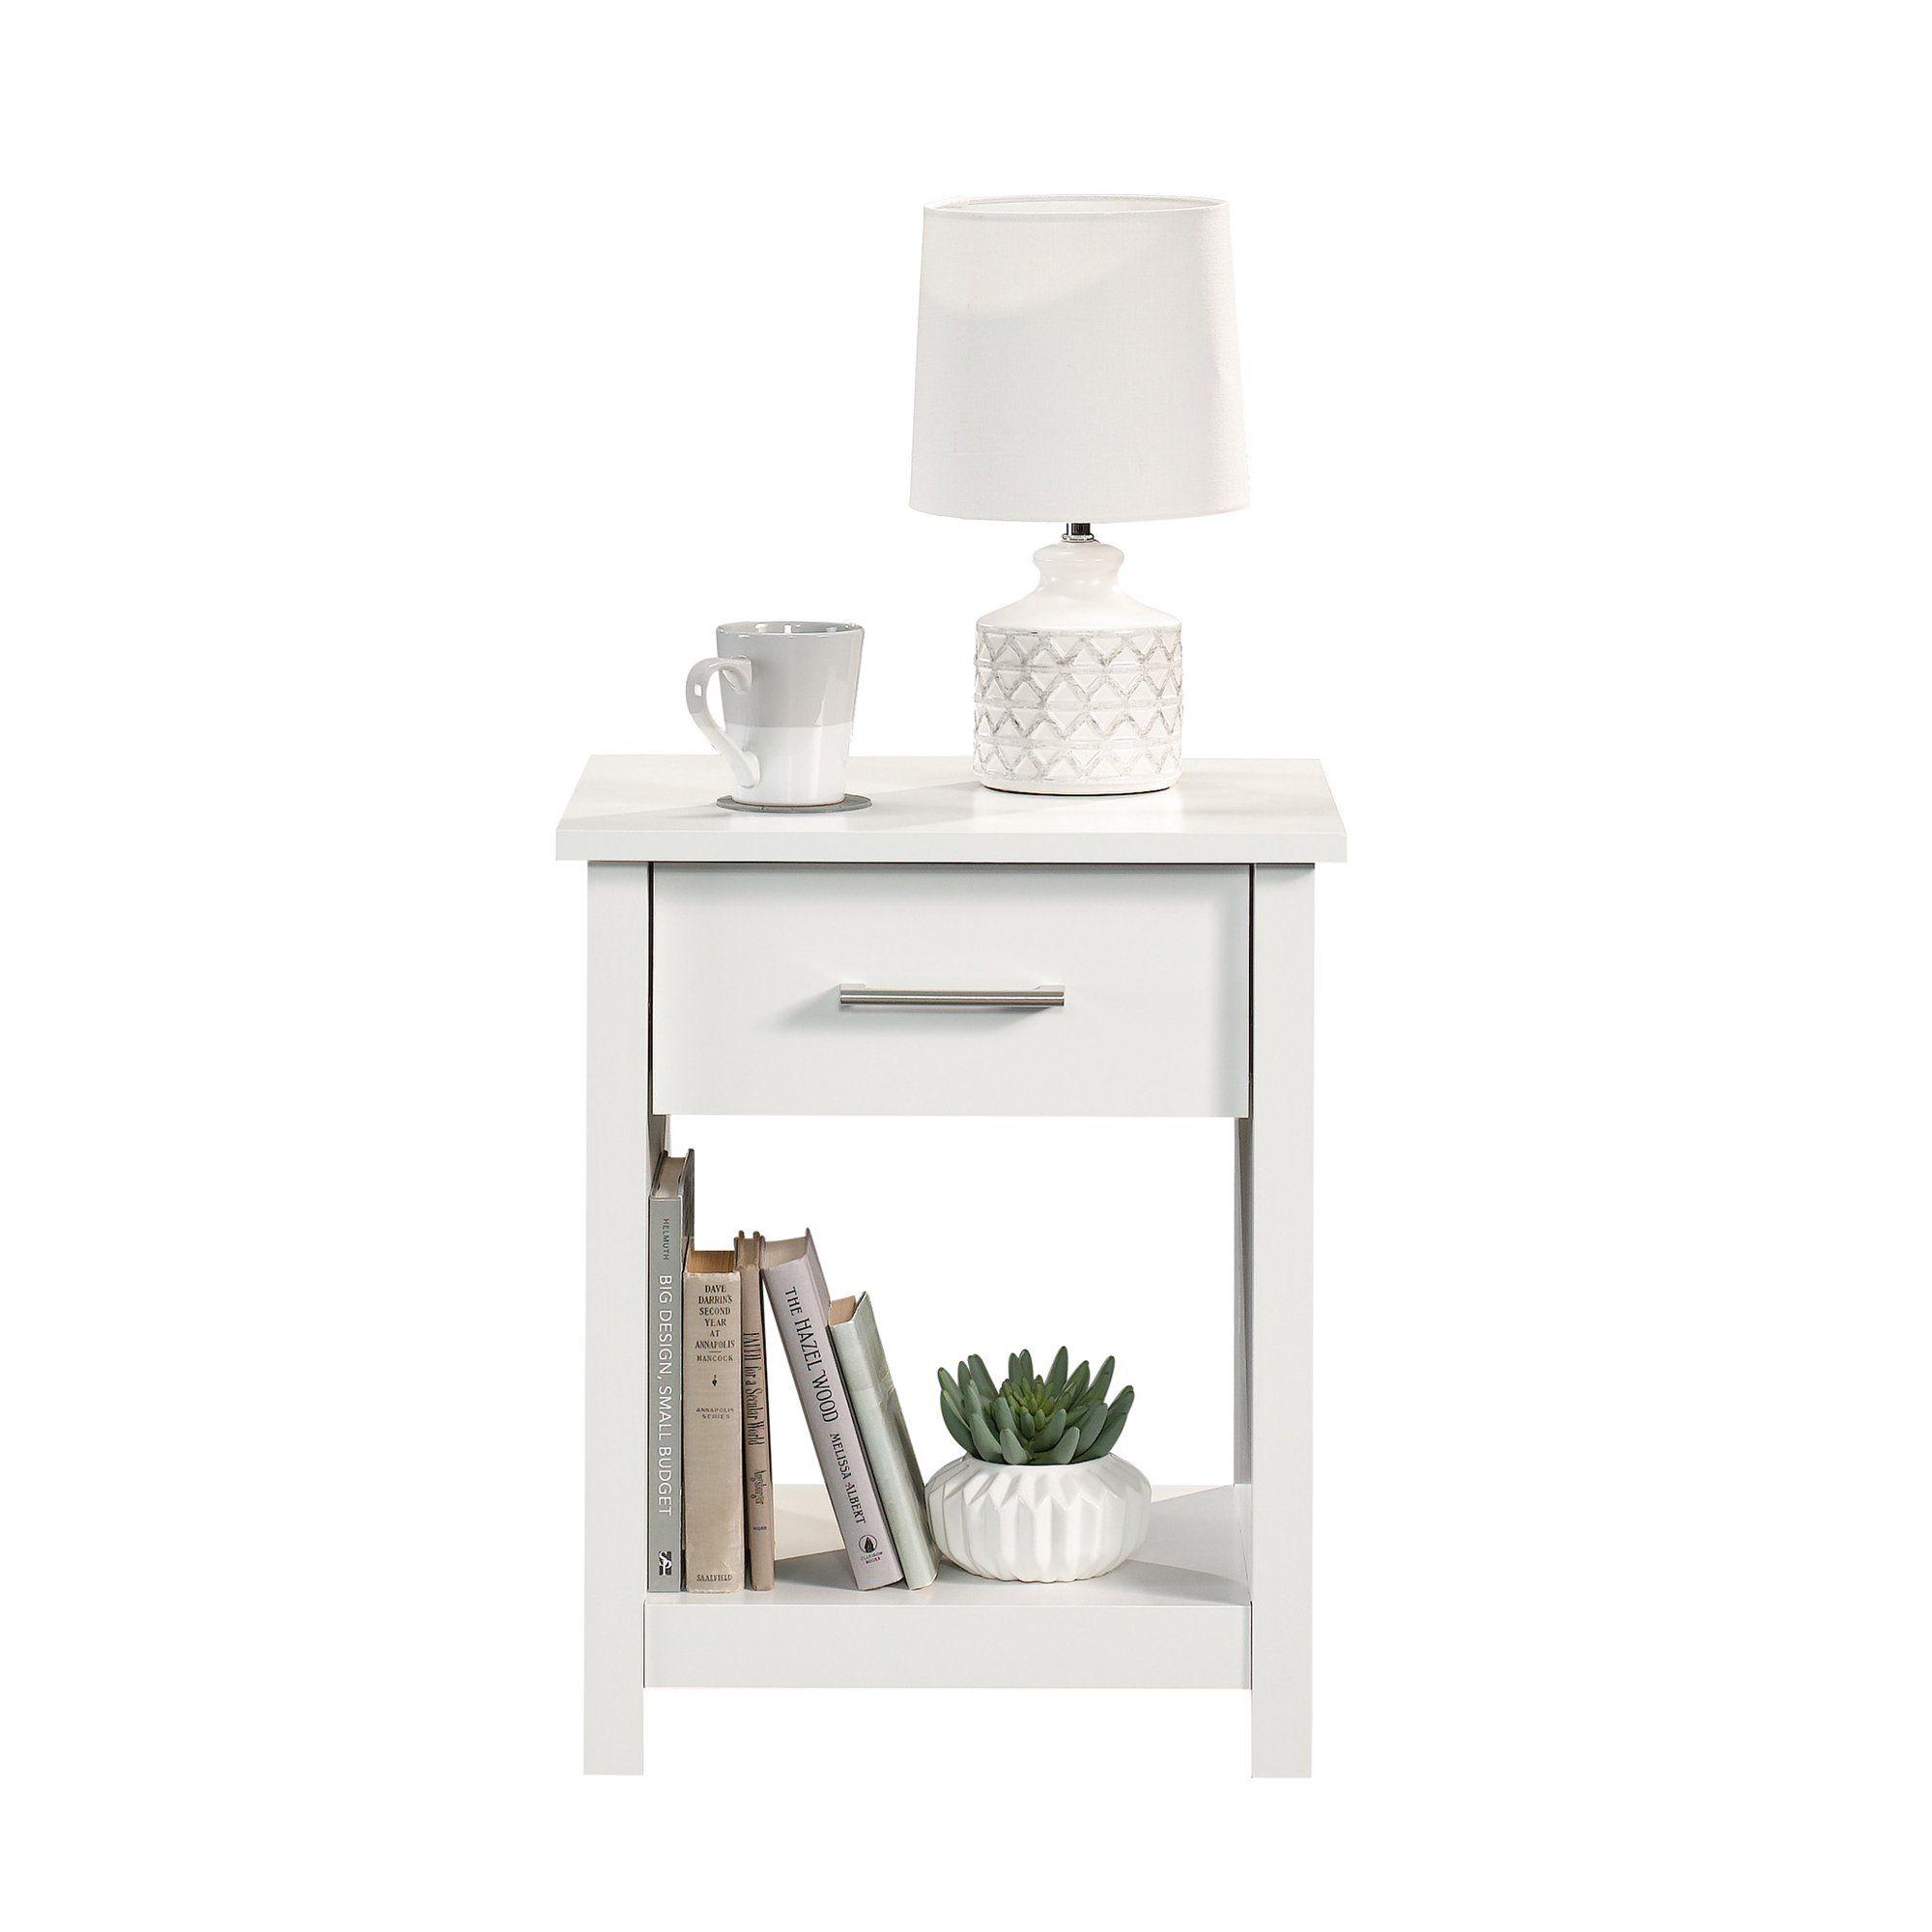 Mainstays Hillside Nightstand With Drawer White Finish Walmart Com In 2021 Small Nightstand White Nightstand Bedroom Bedroom Night Stands [ 2000 x 2000 Pixel ]